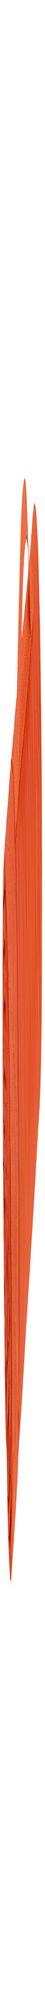 Плед для пикника Comfy, оранжевый